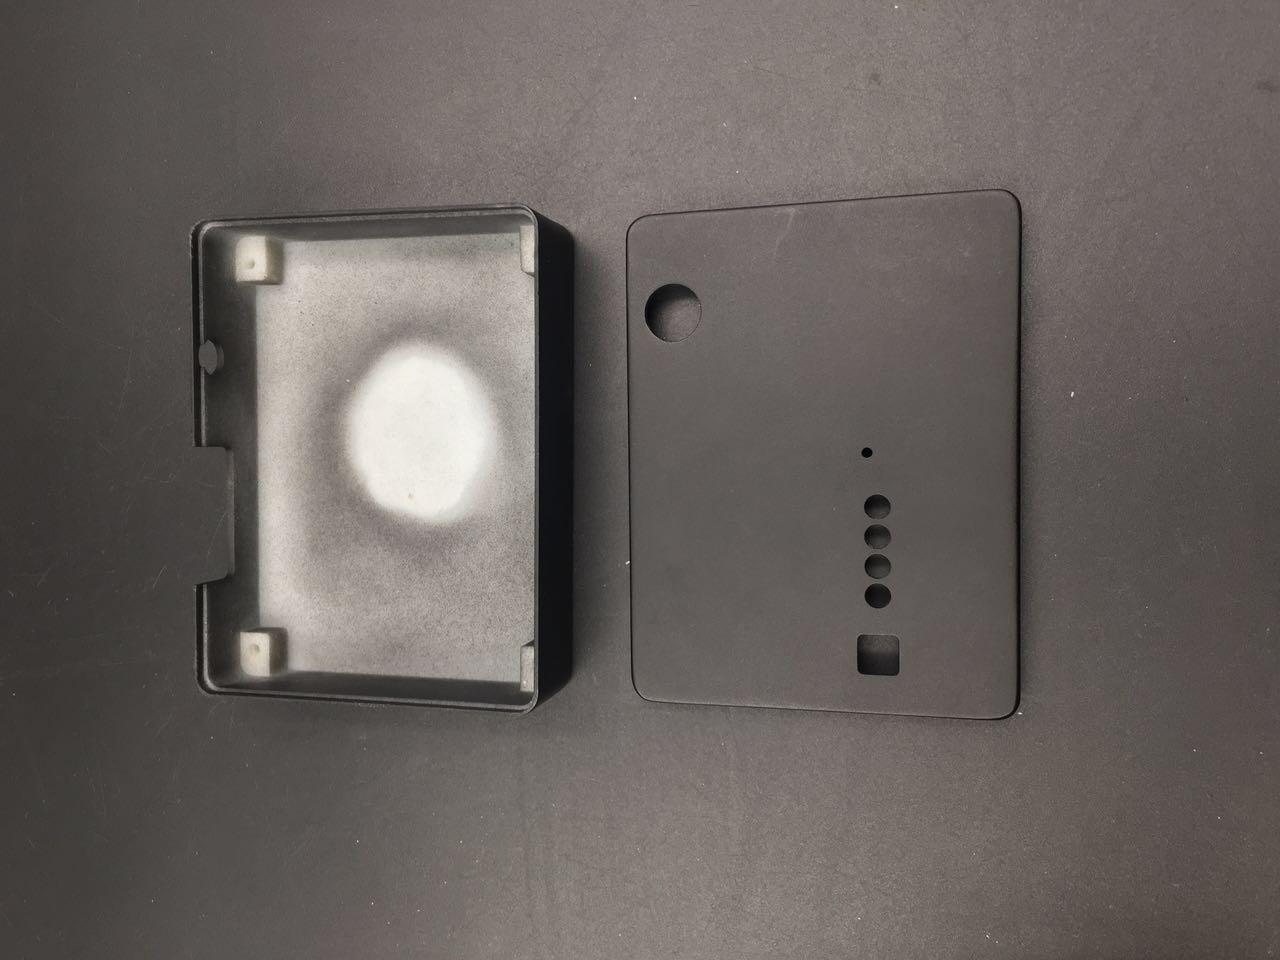 帝宝科技有限公司控制电路盒